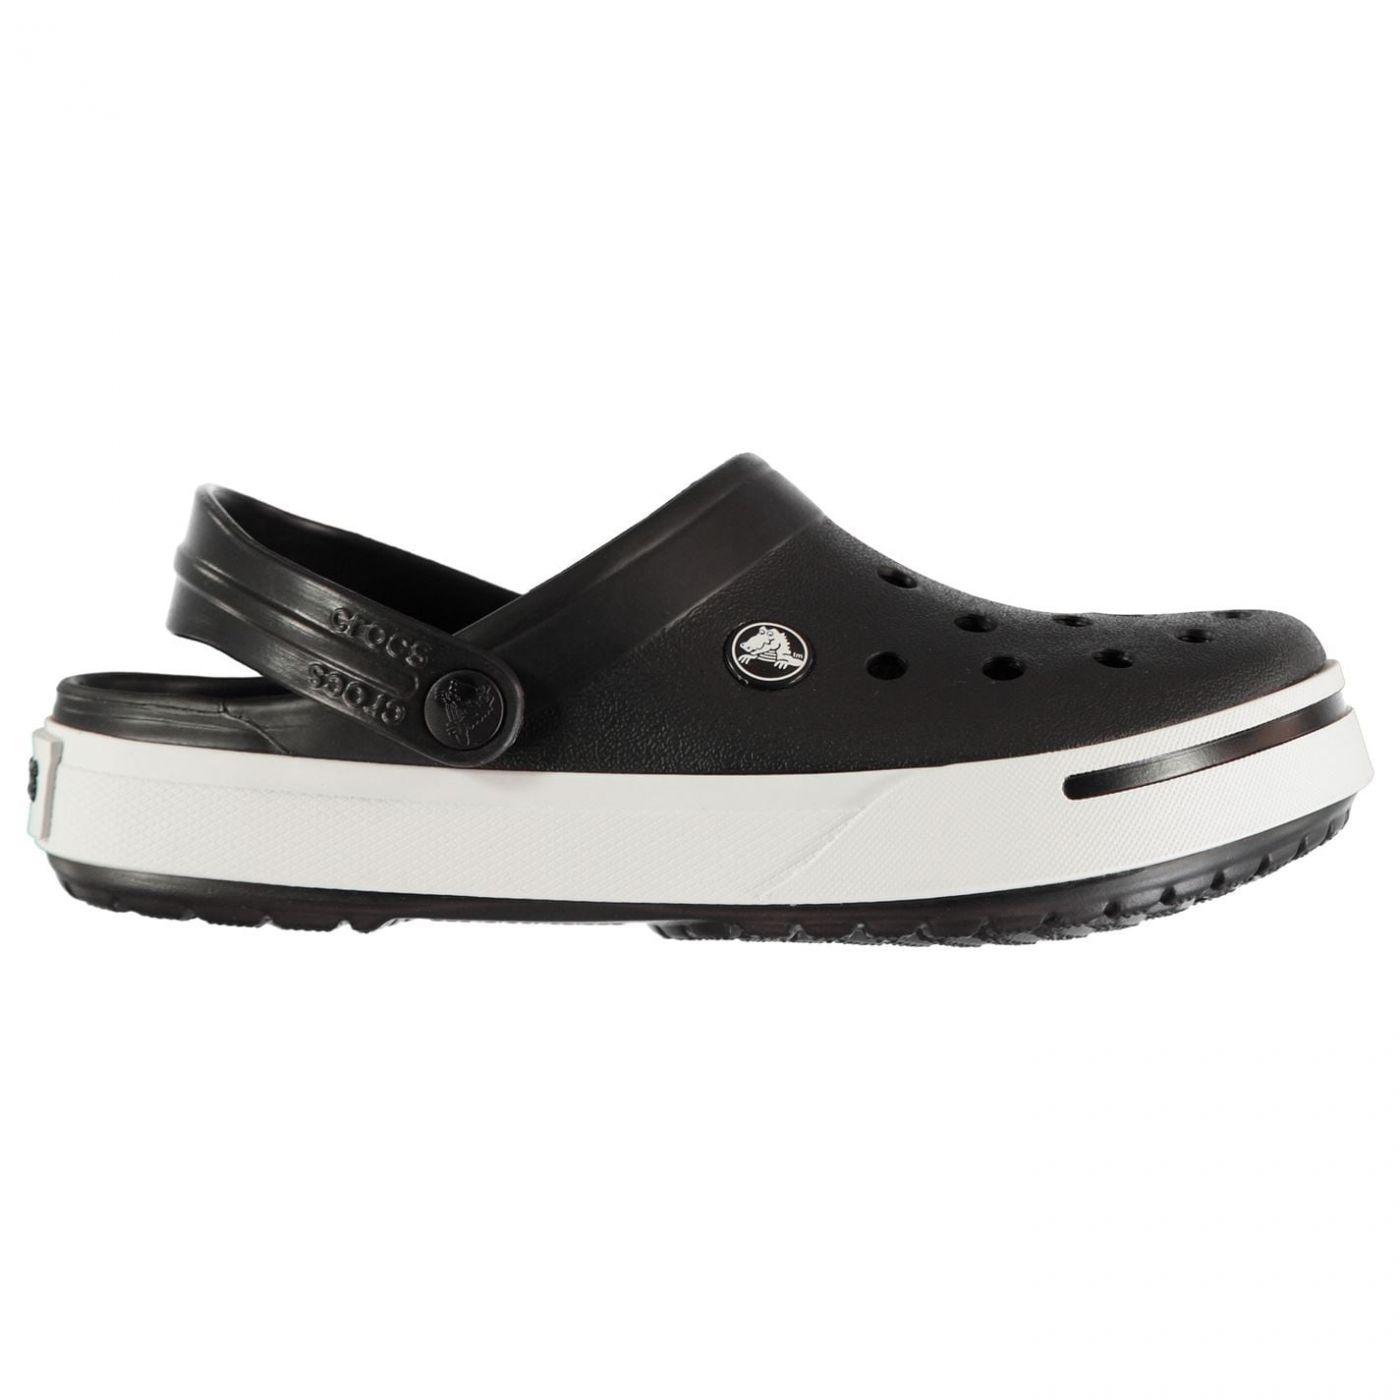 Crocs Crocband II Adult Clogs